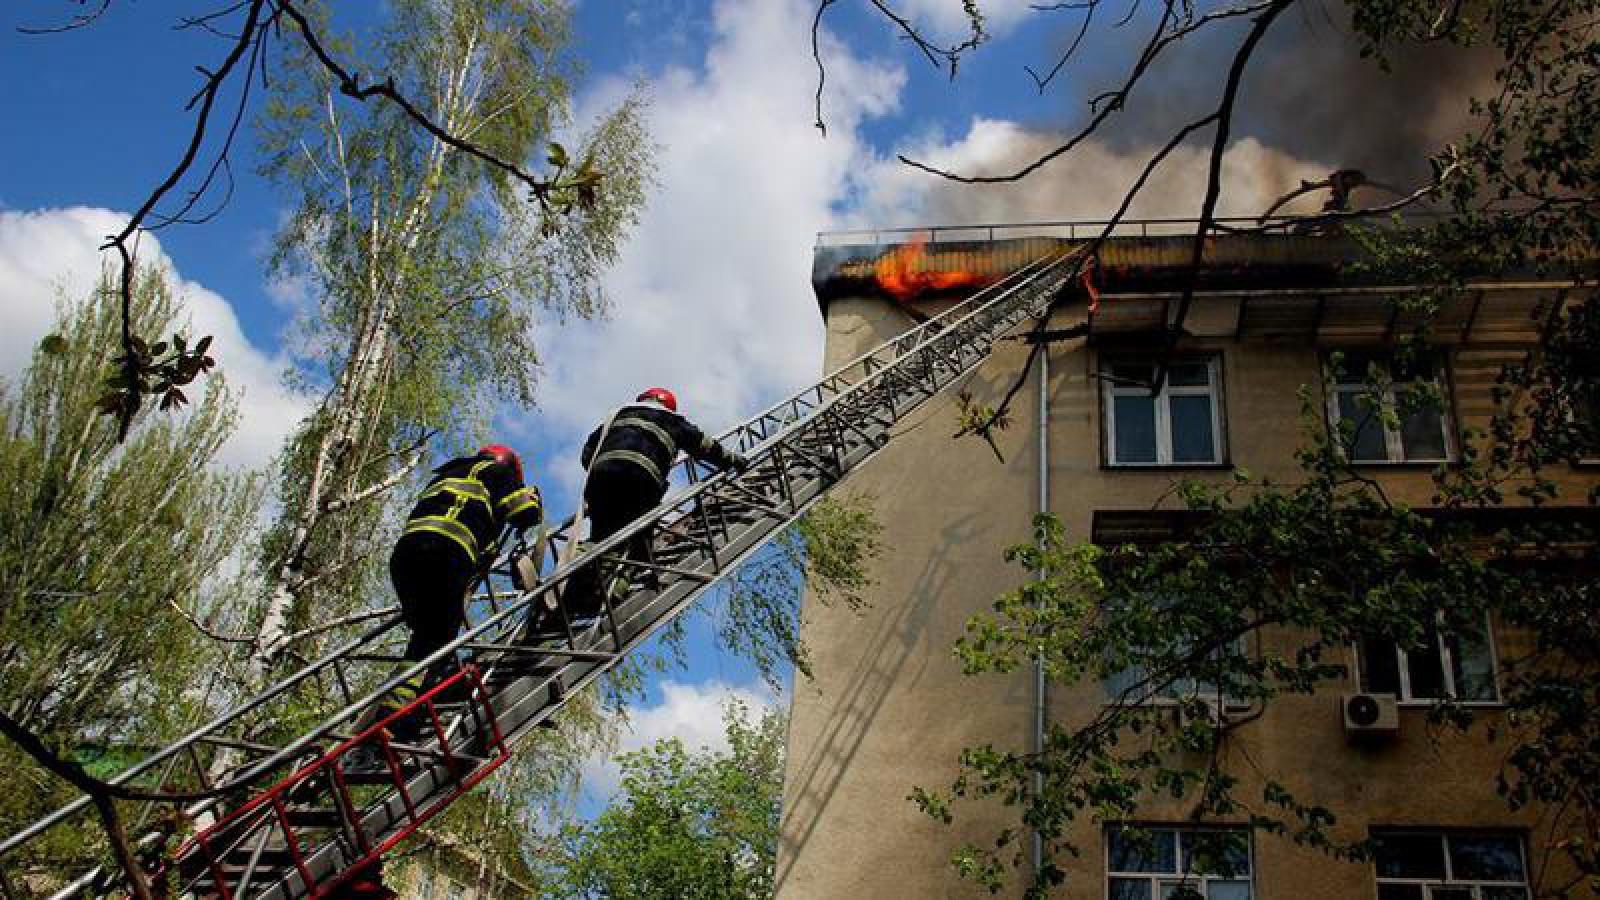 Acoperișul Institutului de Zoologie, care a fost distrus în urma unui incendiu, va fi reparat din banii statului. Cheltuielile estimate ar putea depăși patru milioane de lei